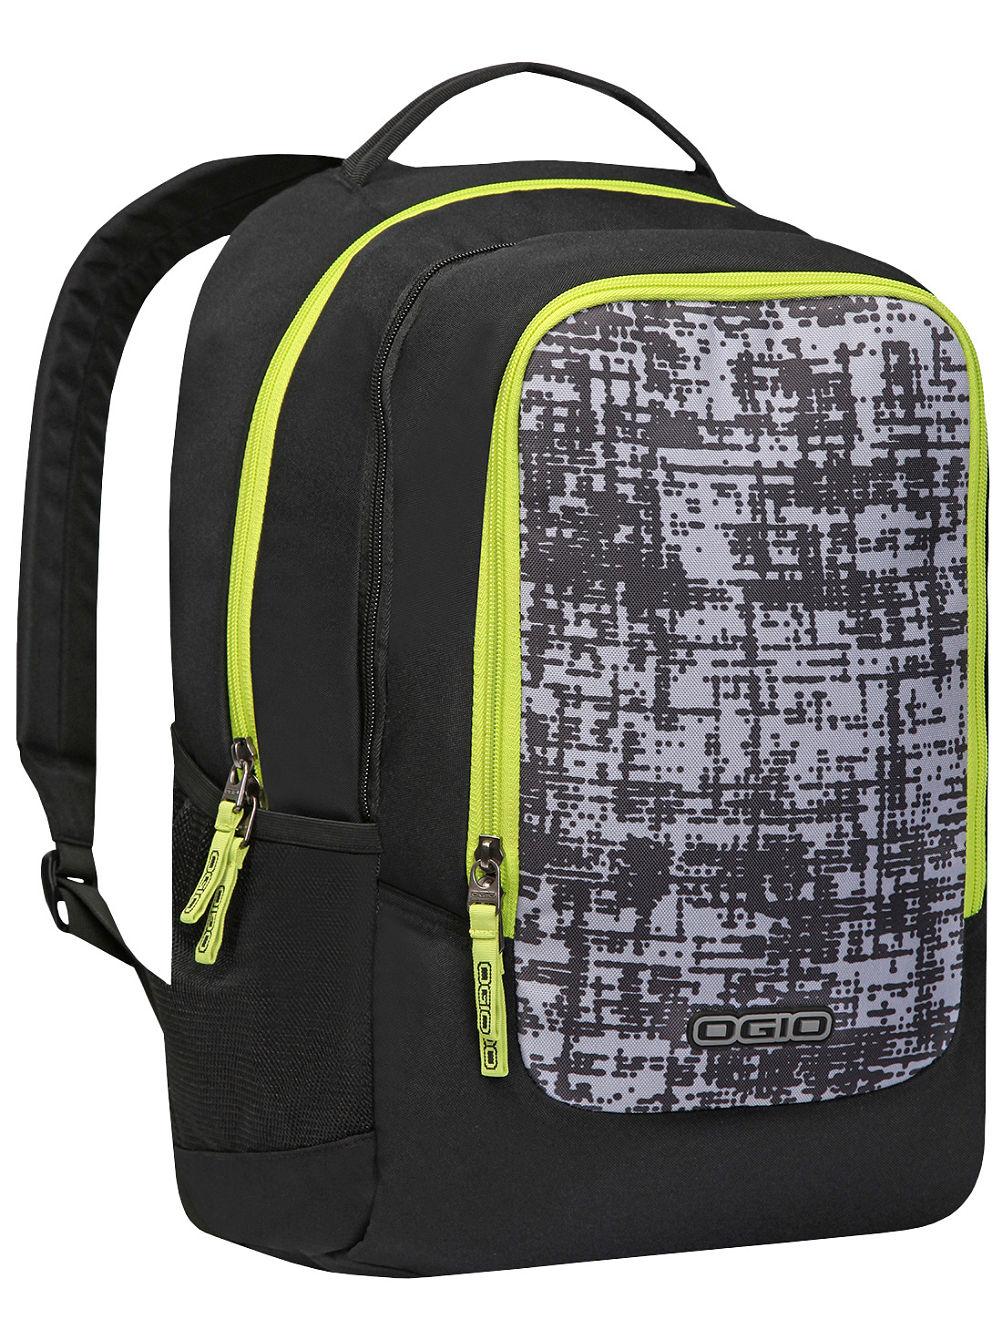 ogio-evader-backpack